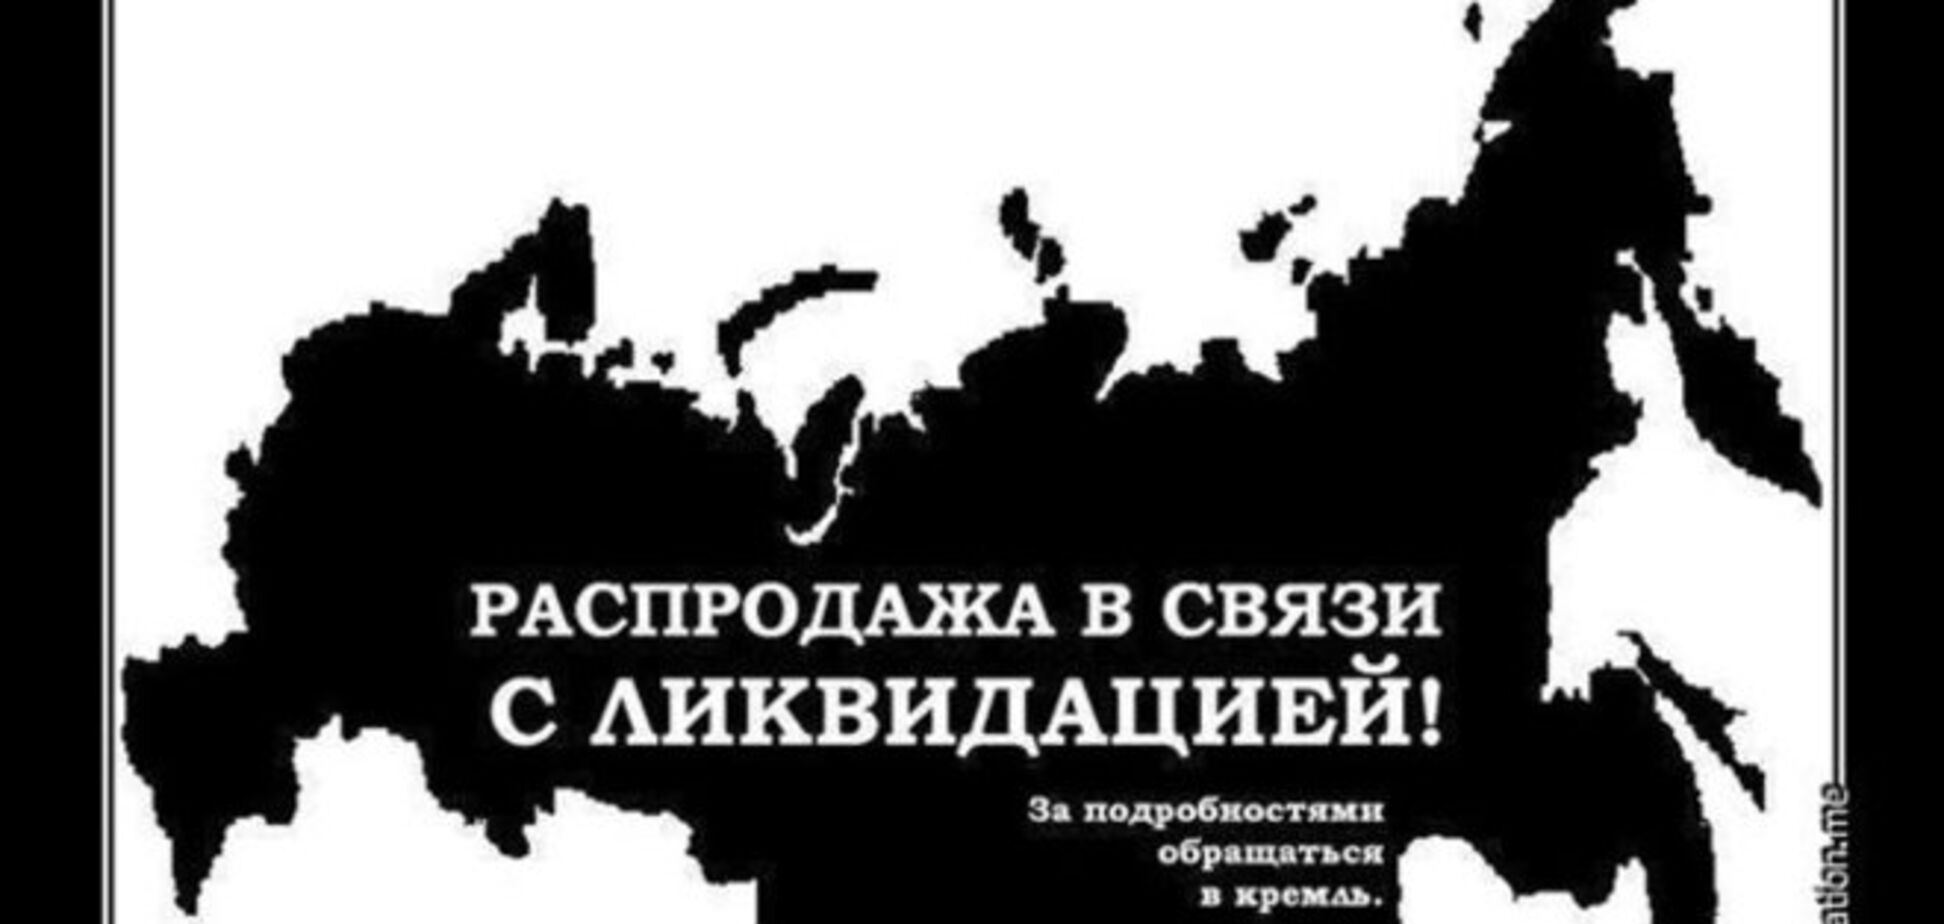 Распродажа России. Пока в розницу